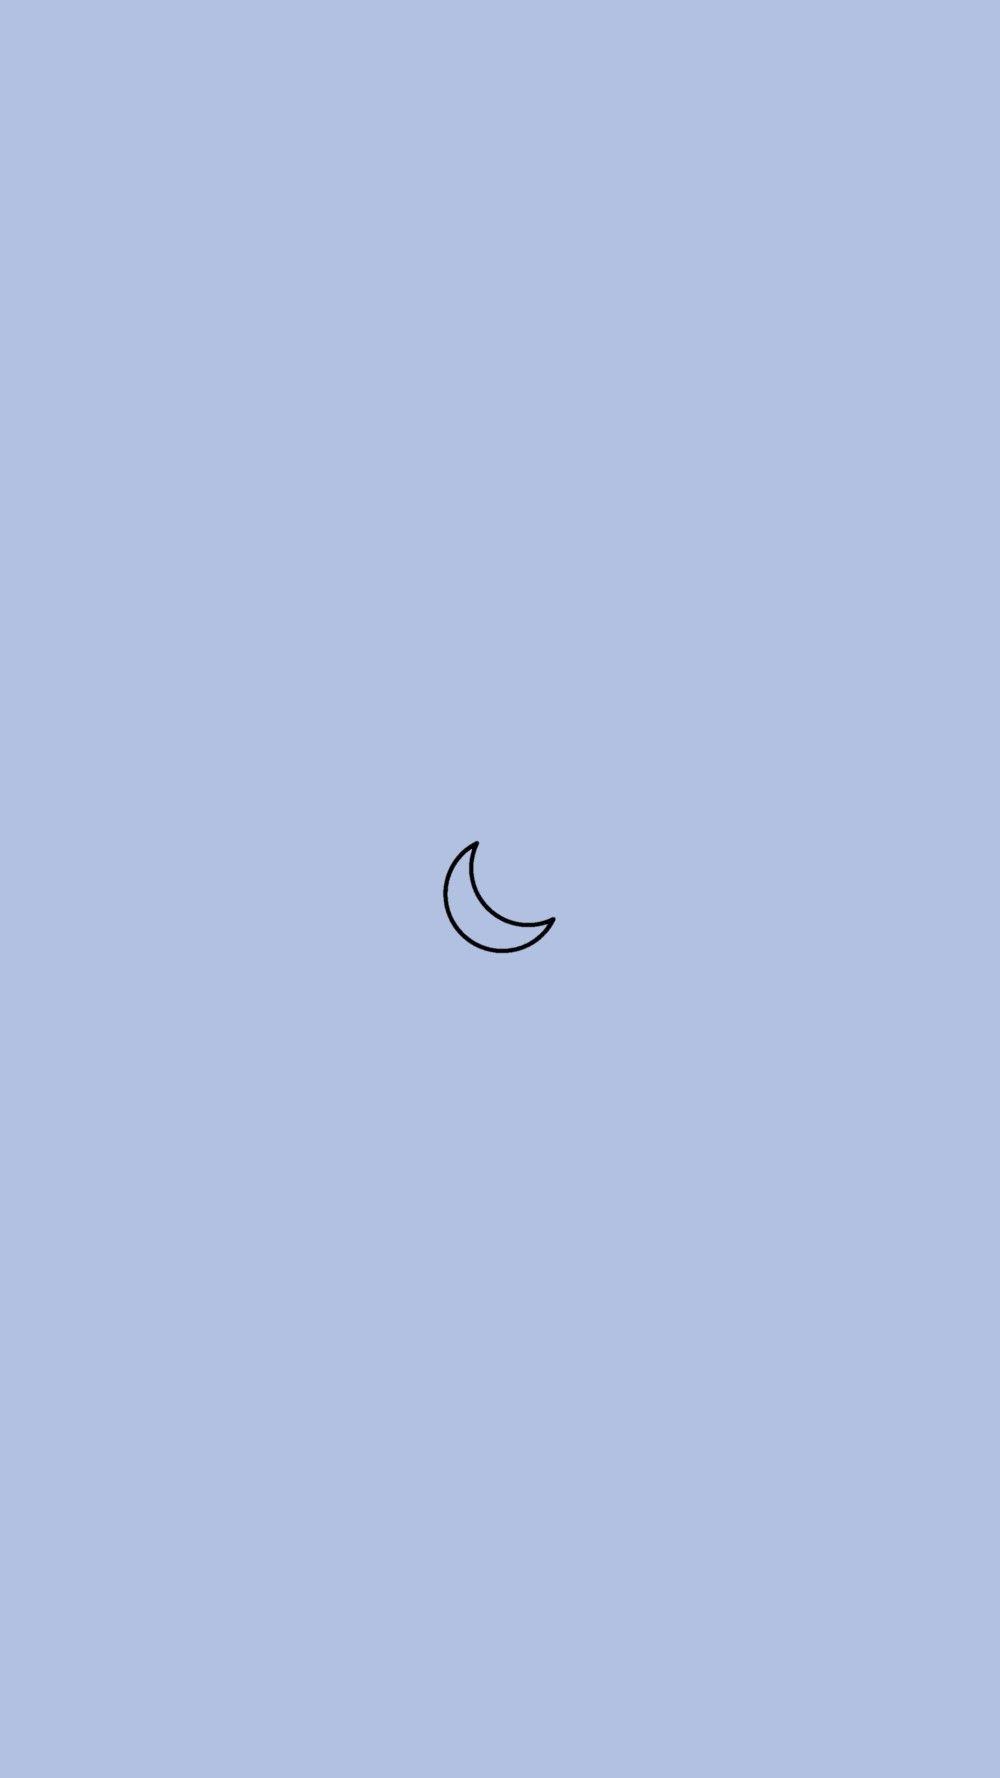 Photo of minimalistic moon blue phone background